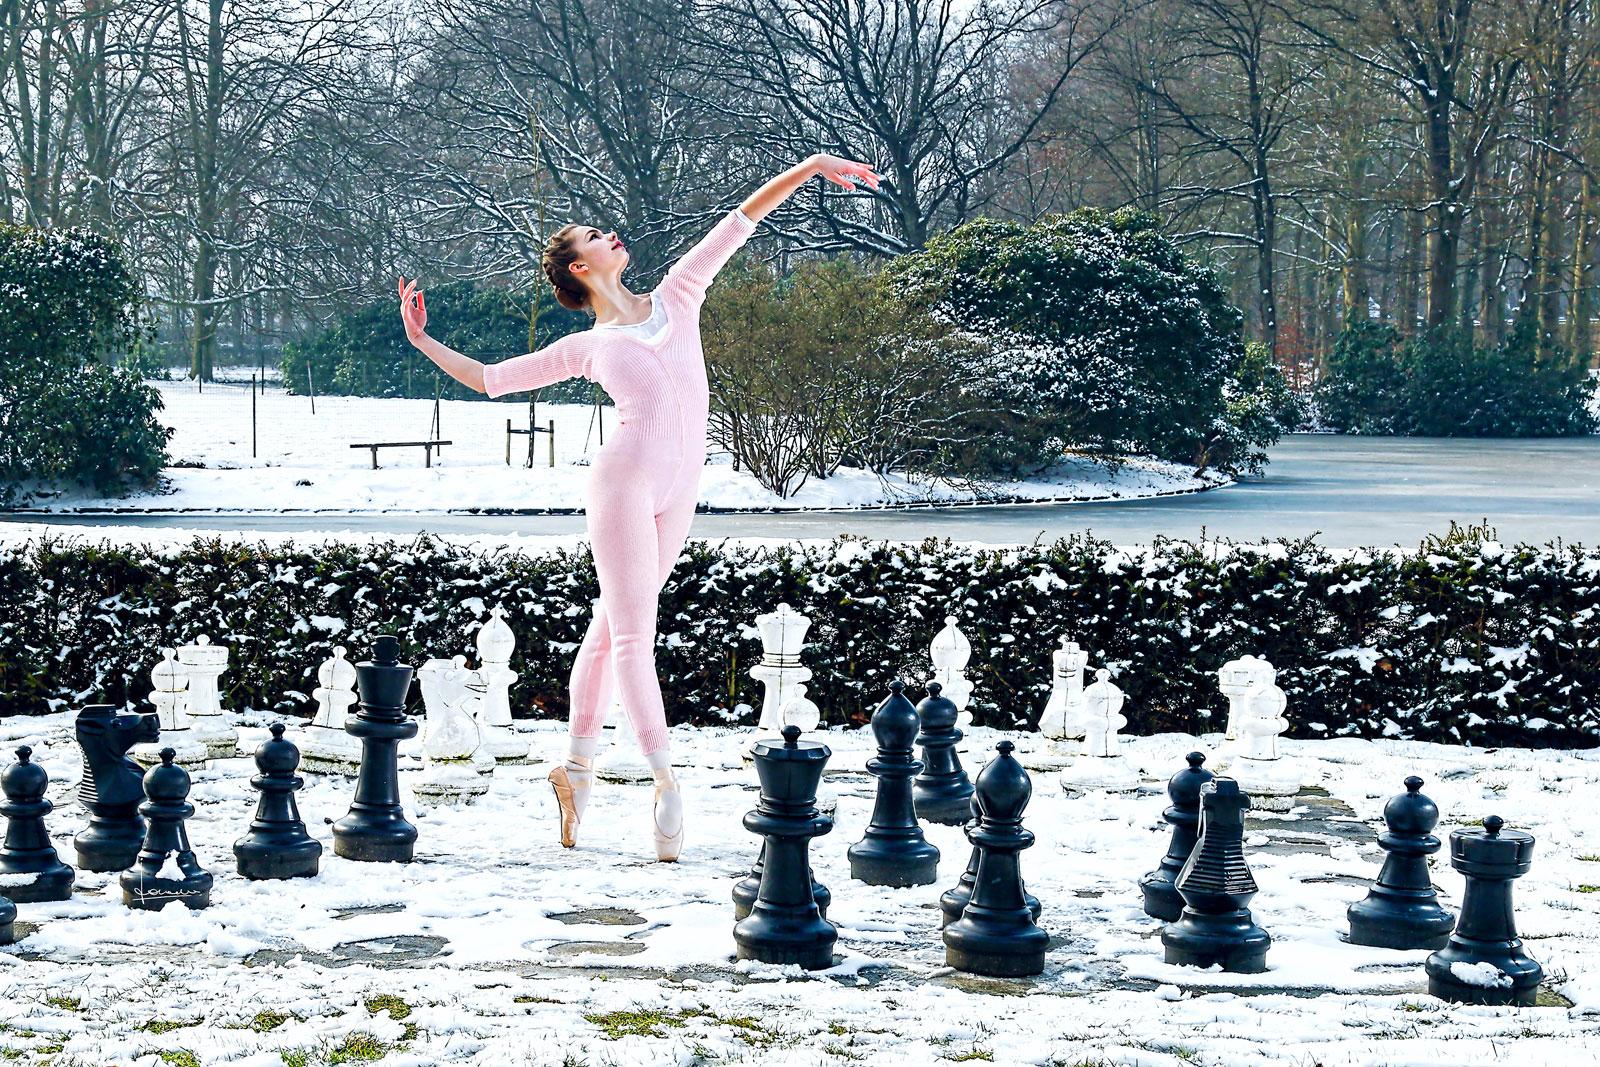 Koud, koud maar leuk en een prachtige serie met deze danseres.